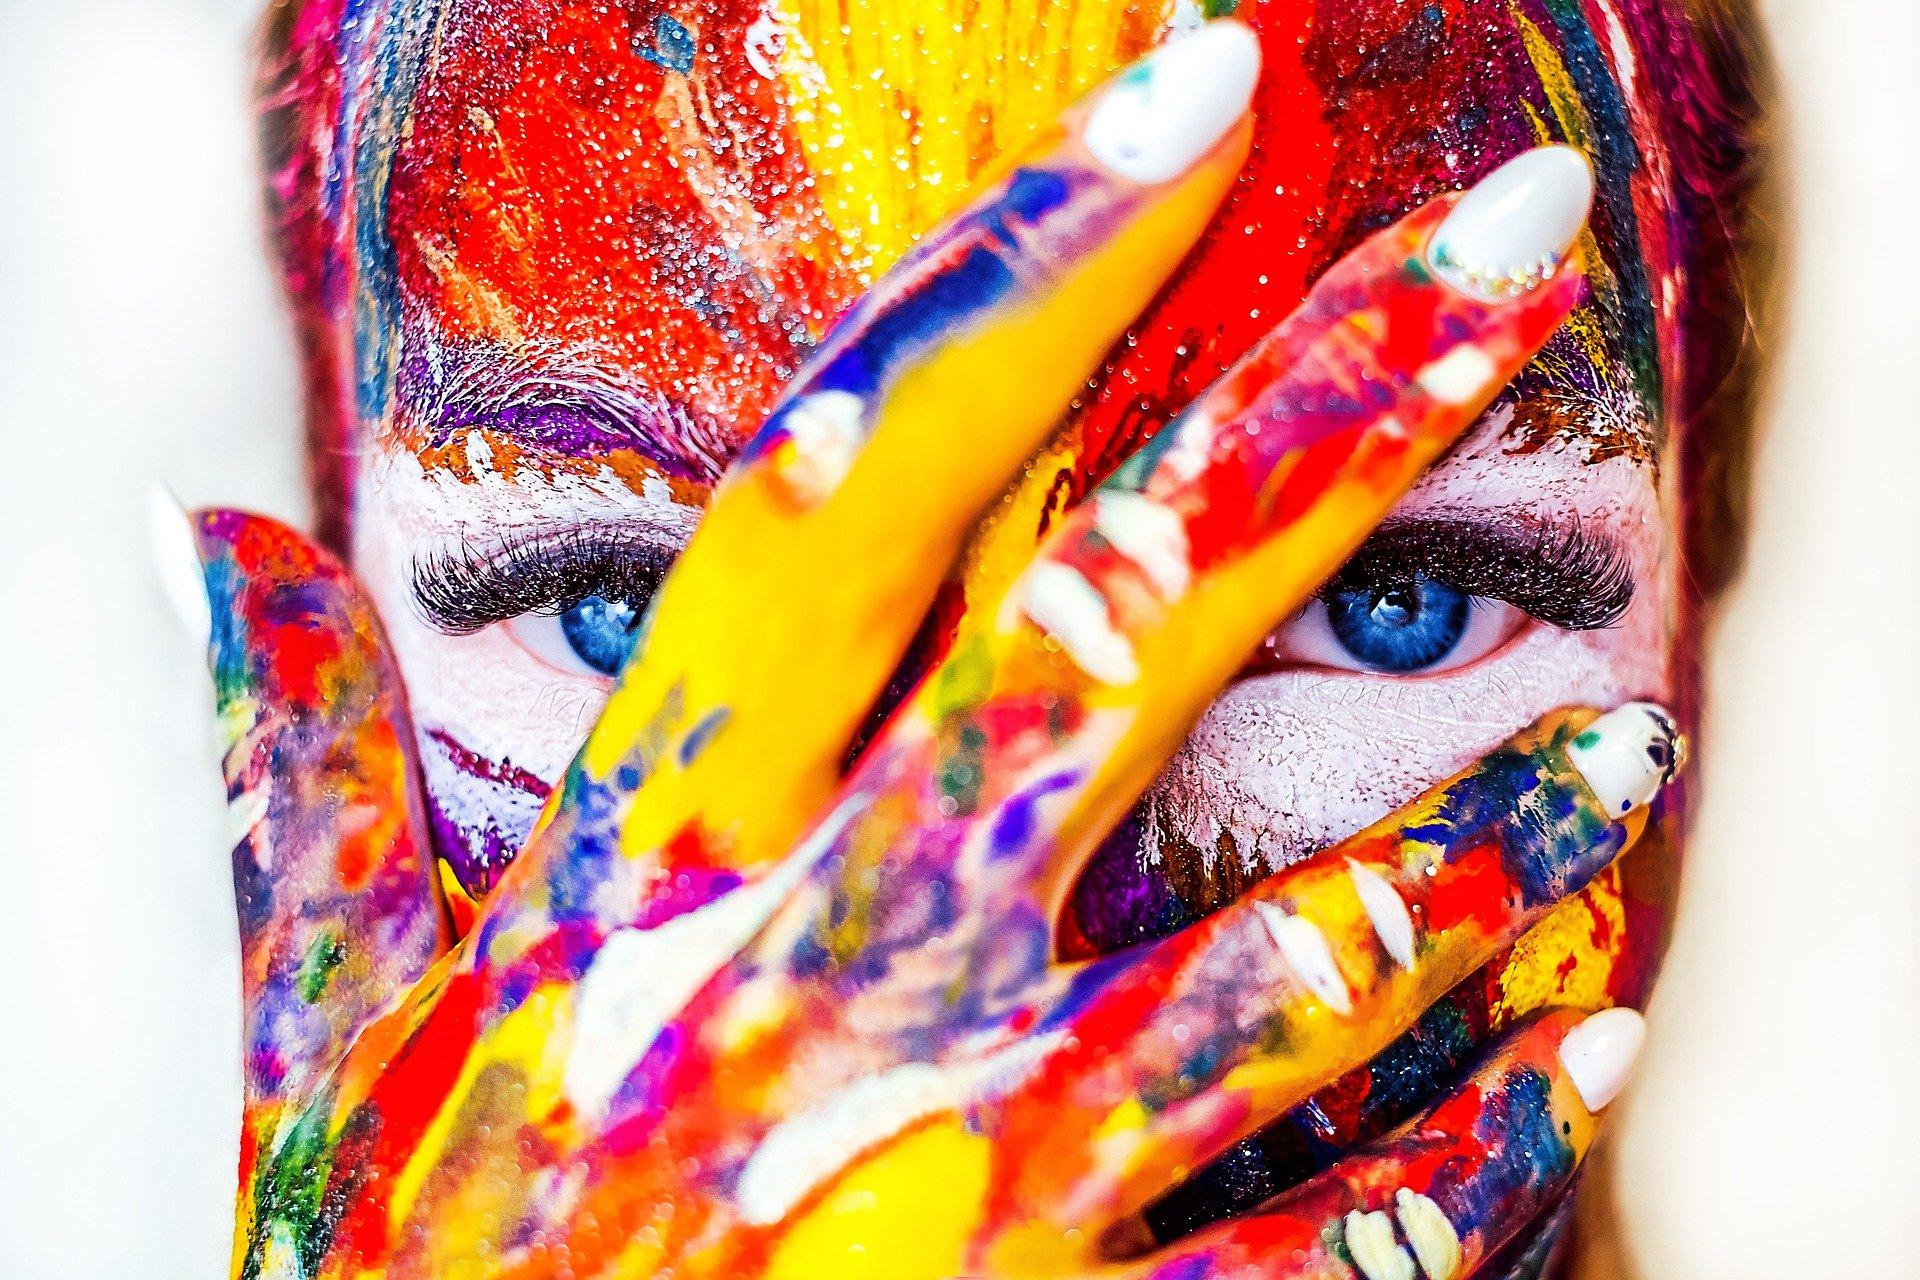 ♦️絵に必要な色の感覚を育てる方法をわかりやすく解説します